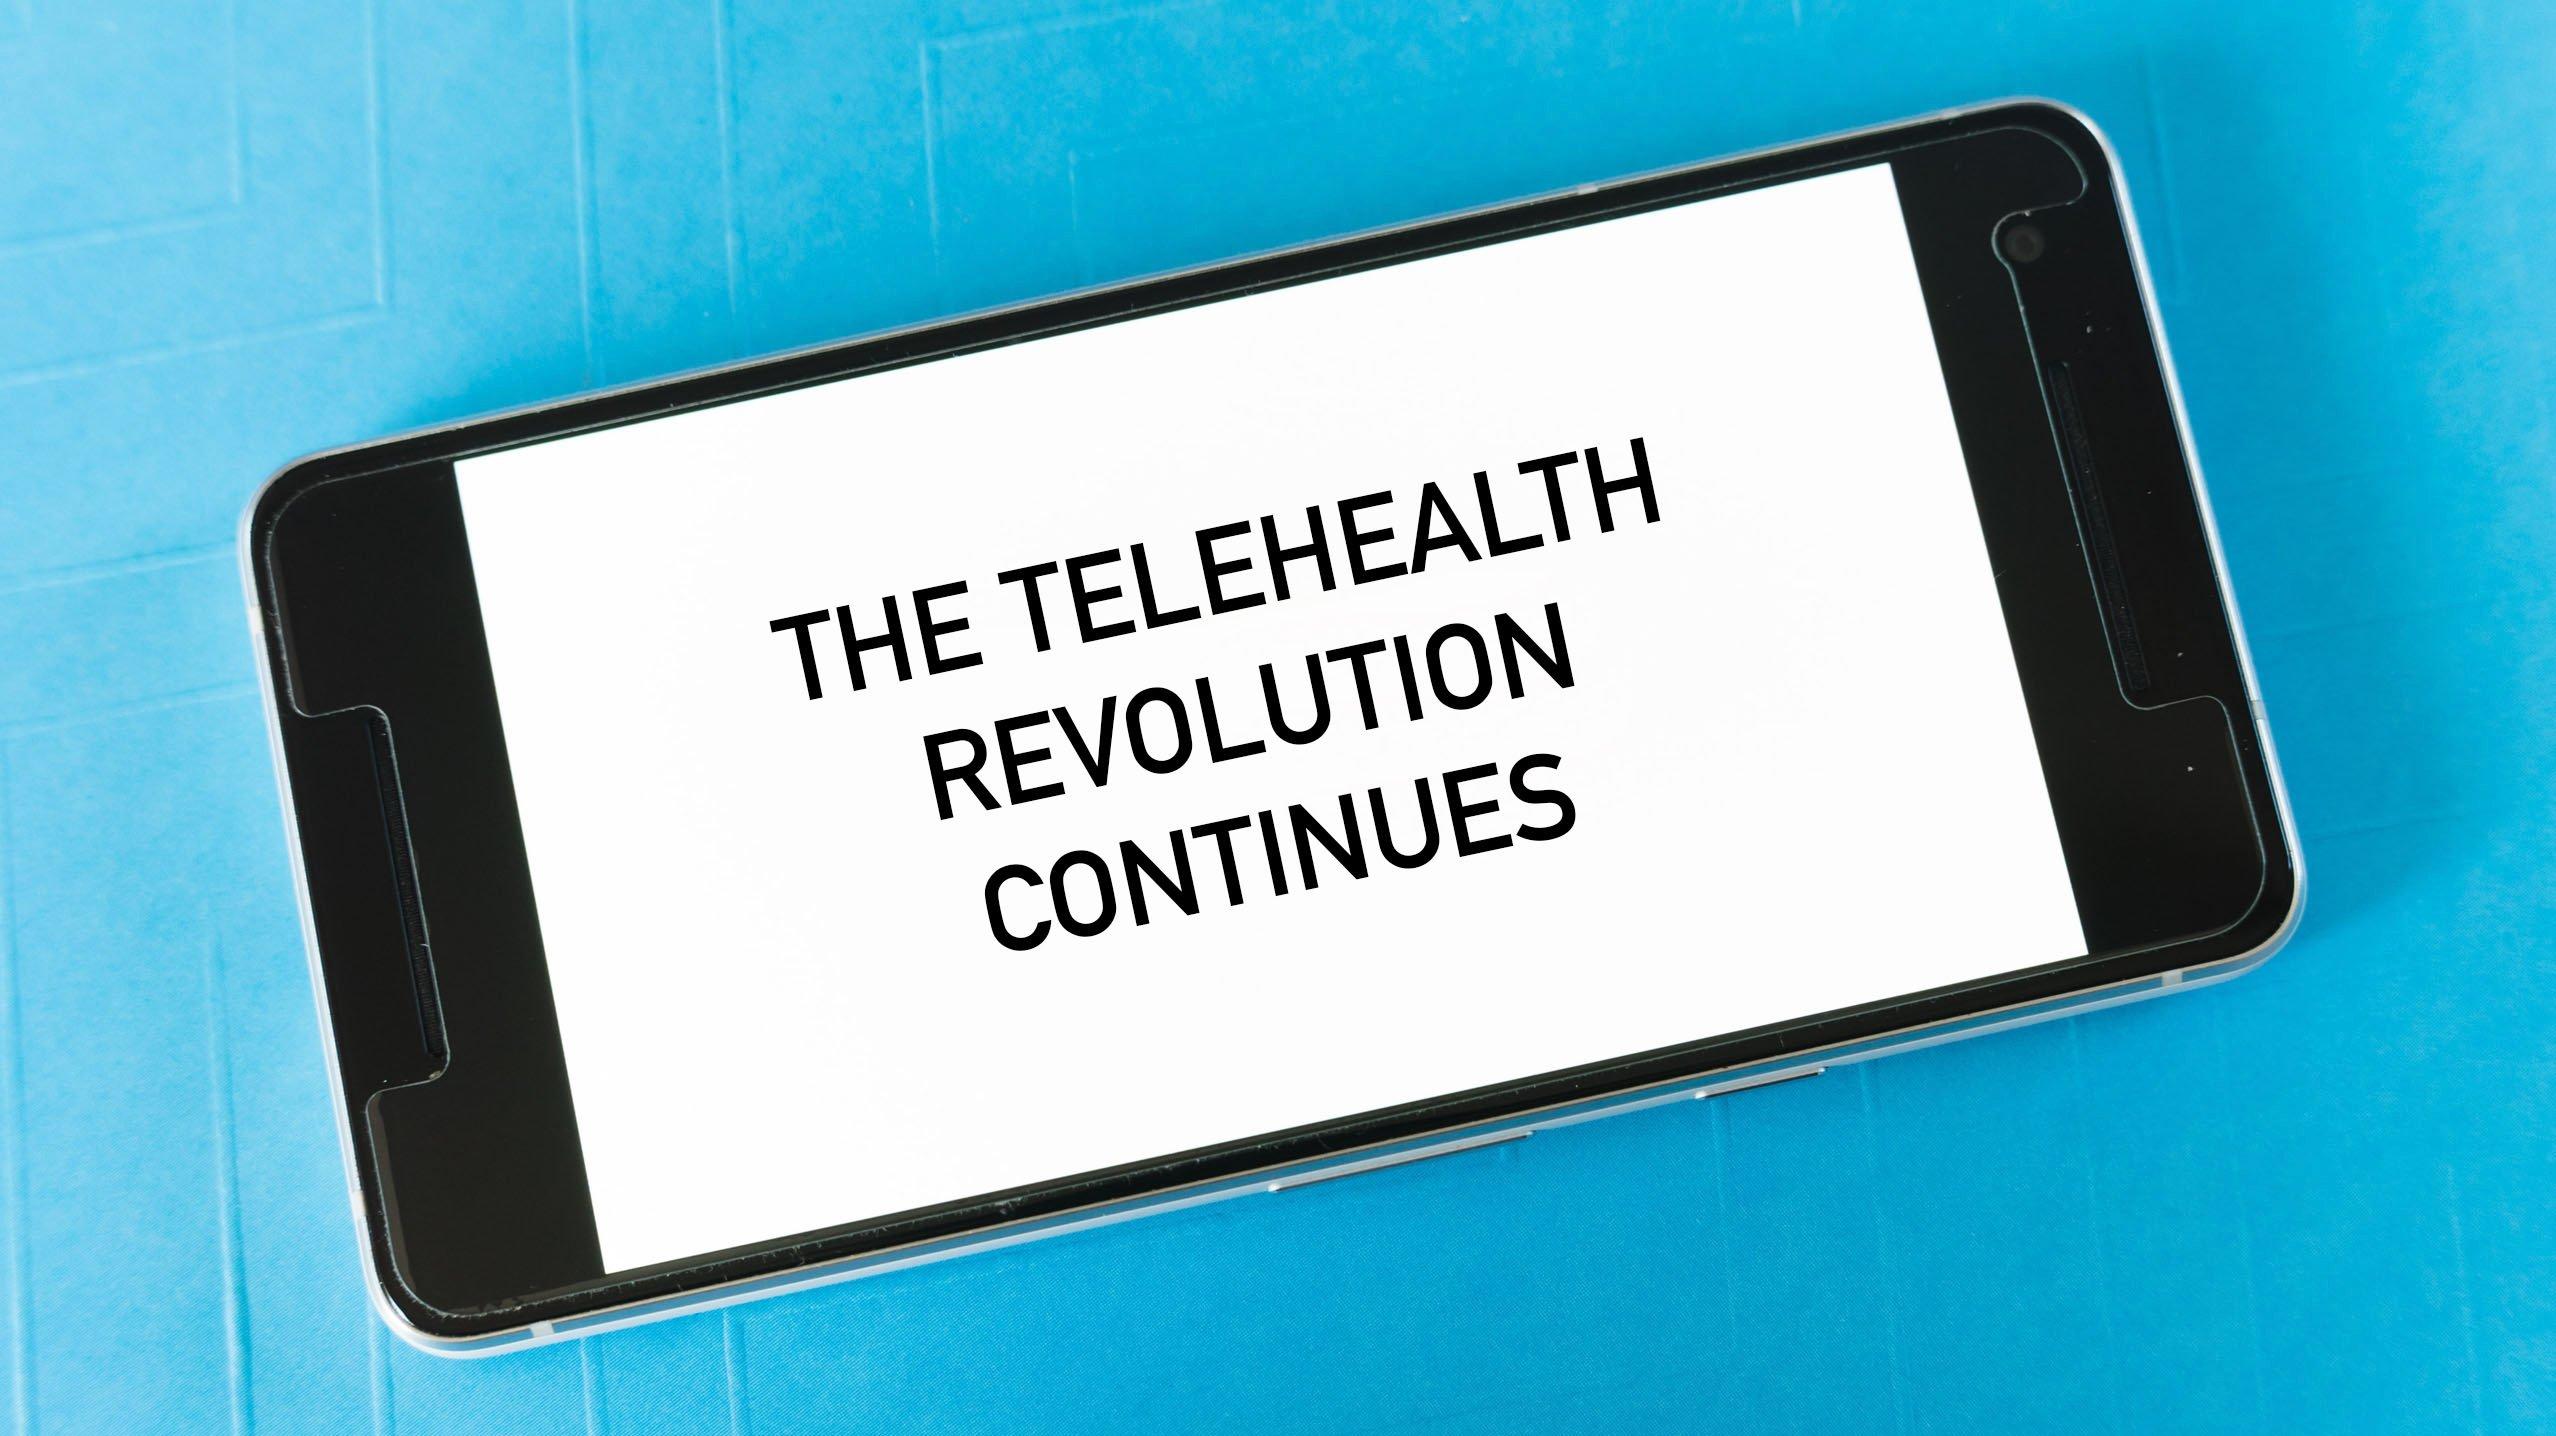 TelehealthRevolution_Blog